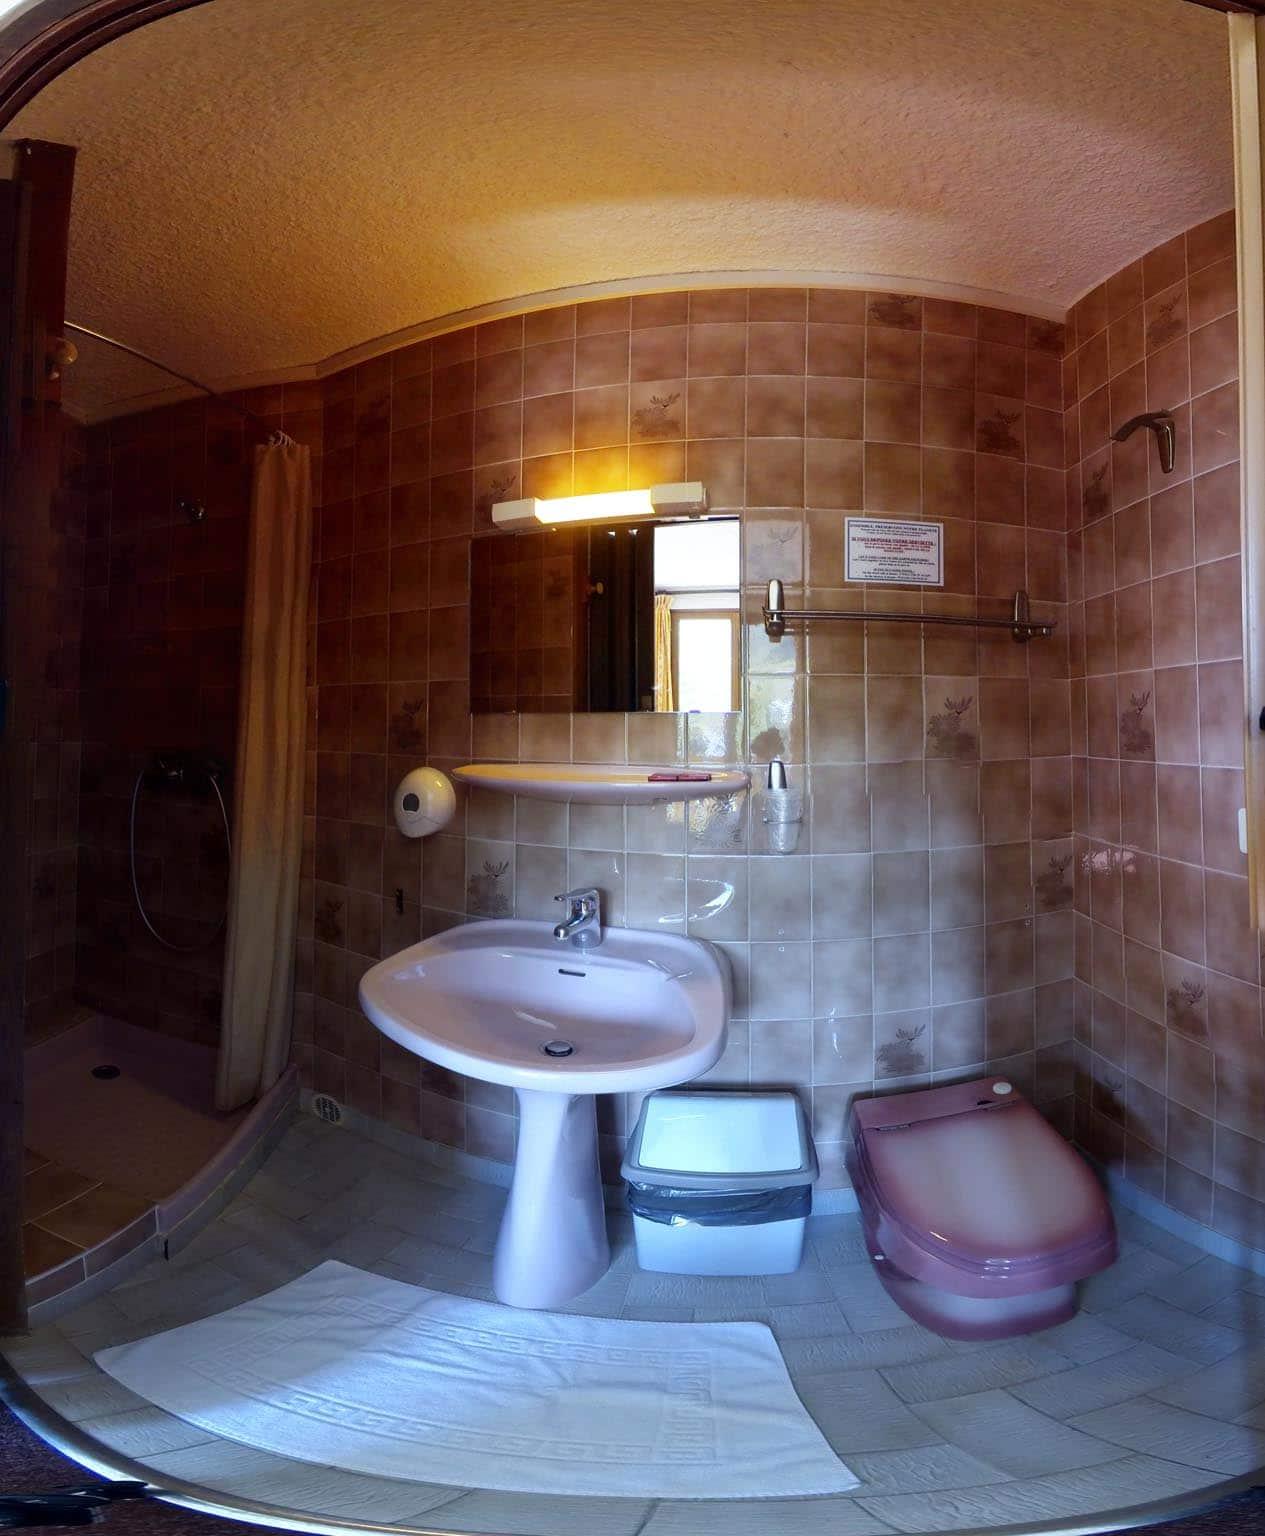 Salle de bain de la chambre n°2 hotel les Gardettes Orcieres